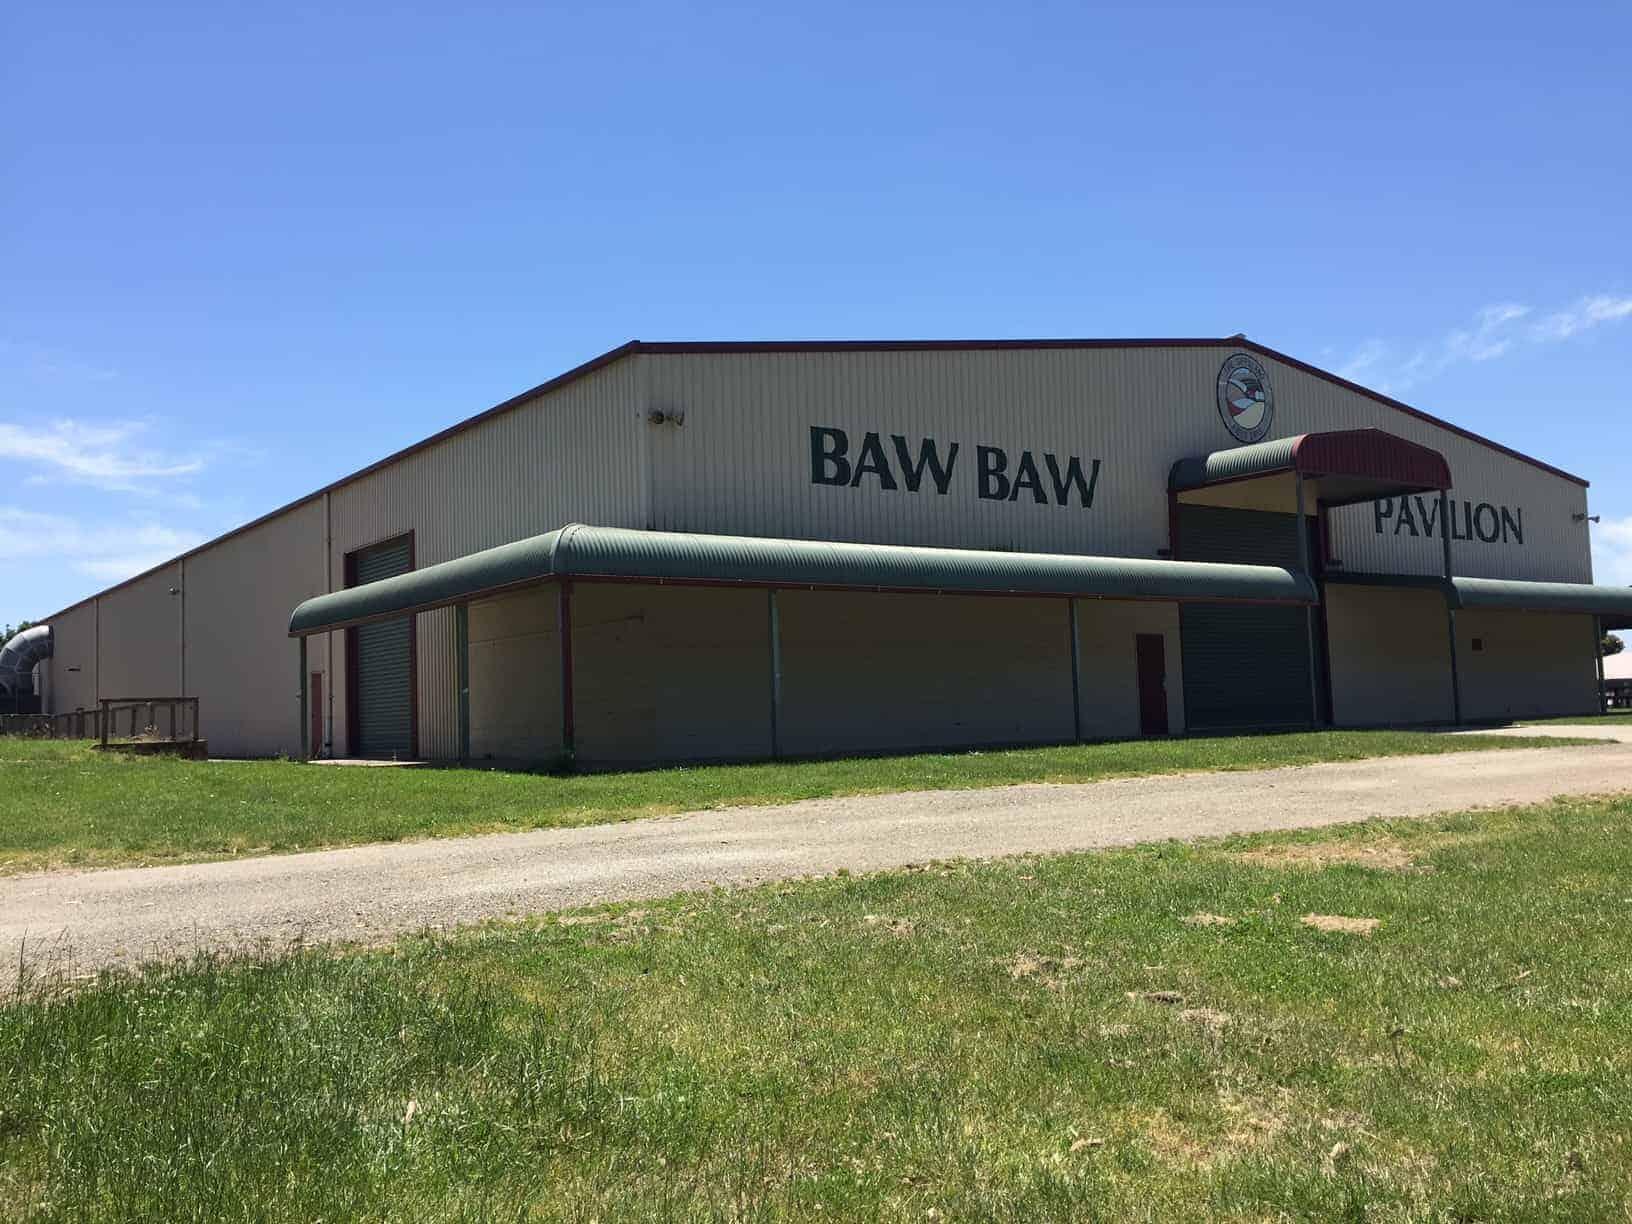 Lardner_Park-BawBaw-Pavillion